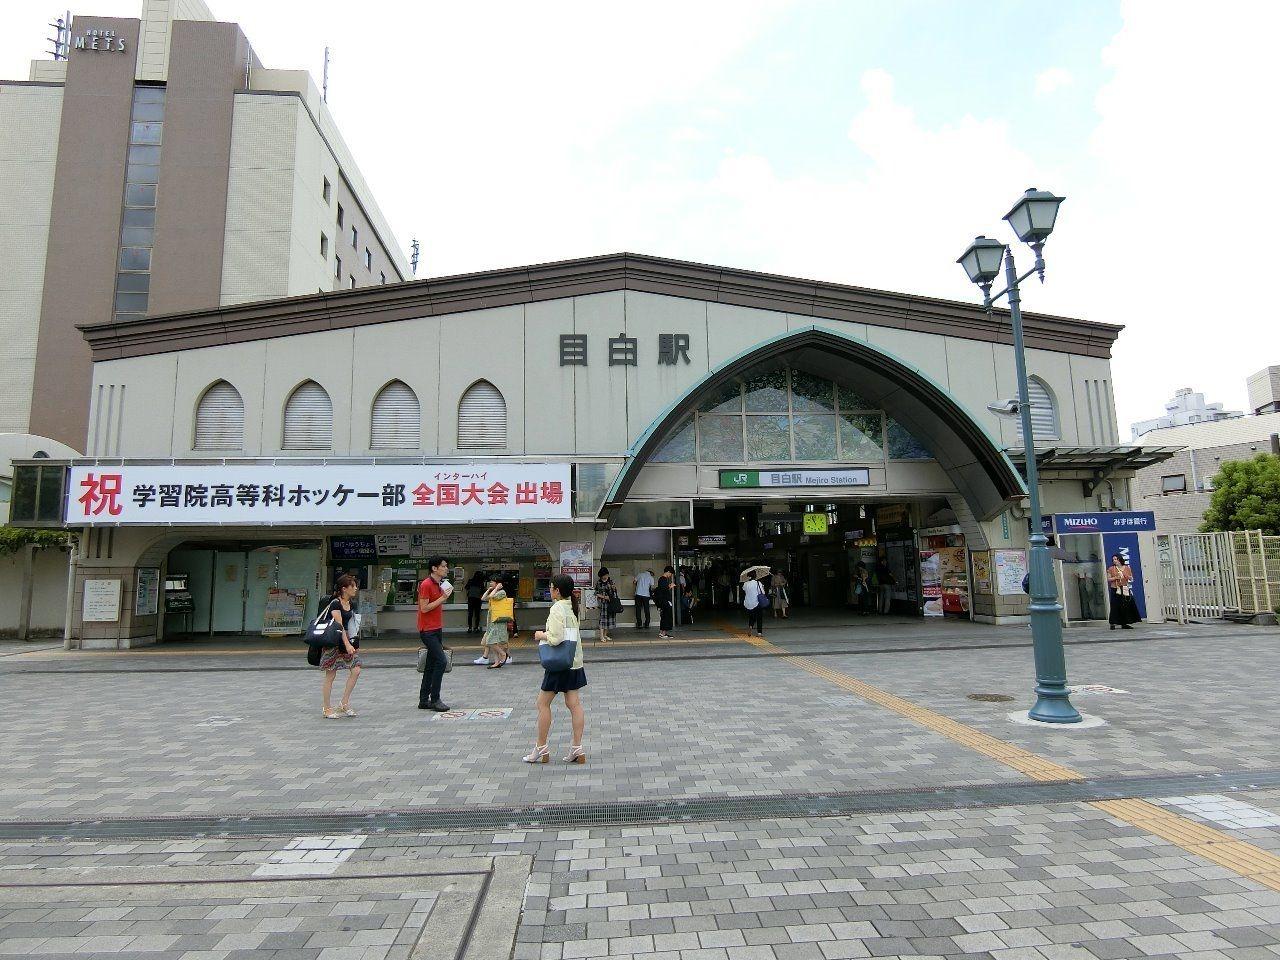 山の手船内でも 便利なだけでなく 落ち着いた文京地域の雰囲気の駅です。 近くには  天皇陛下をはじめ 皇族関係者が通った学習院があります。